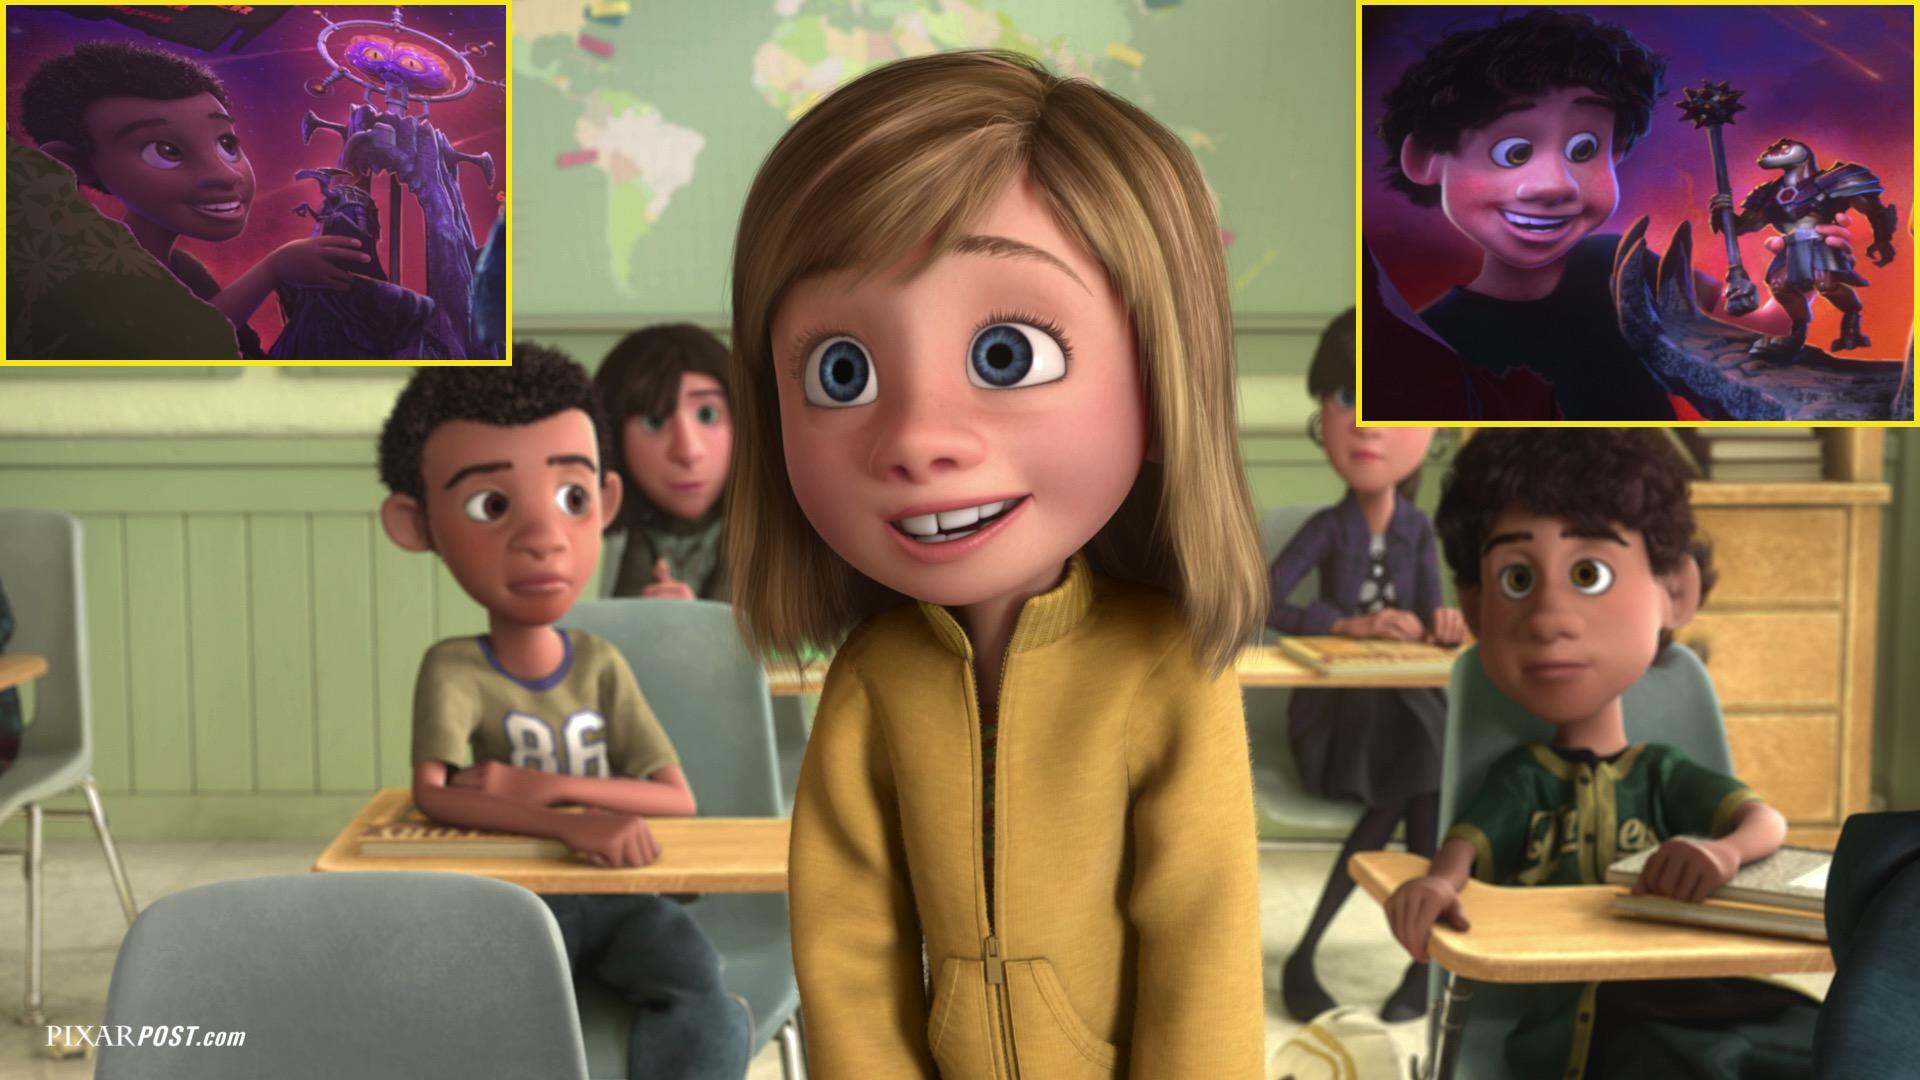 Toy Story That Time Forgot Easter Egg-02-Pixar Post.jpg